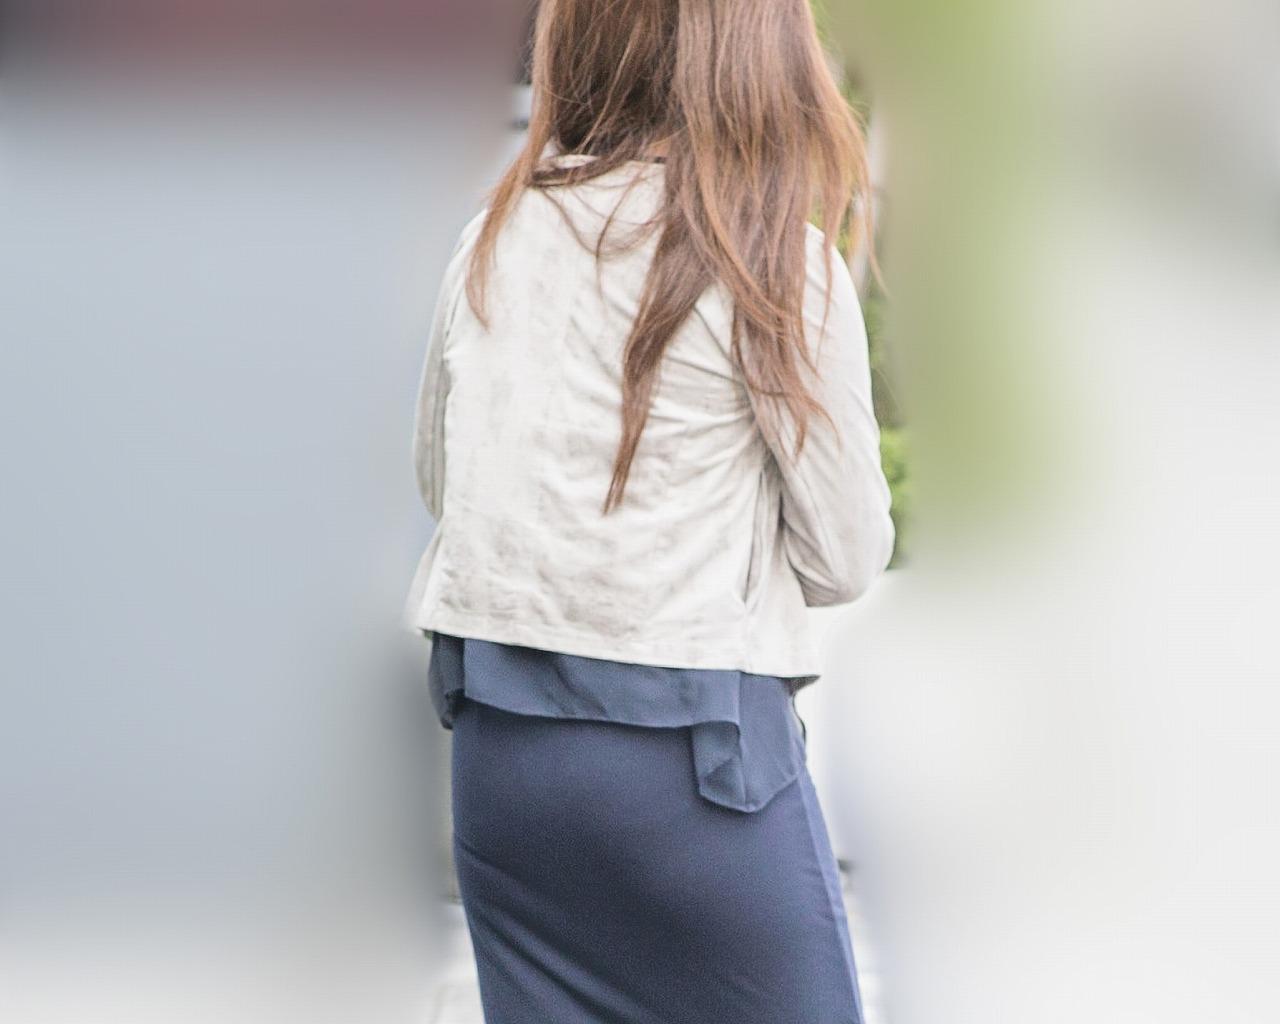 パンティ食い込み気味!な様子がエロいタイトスカートのお嬢さん!